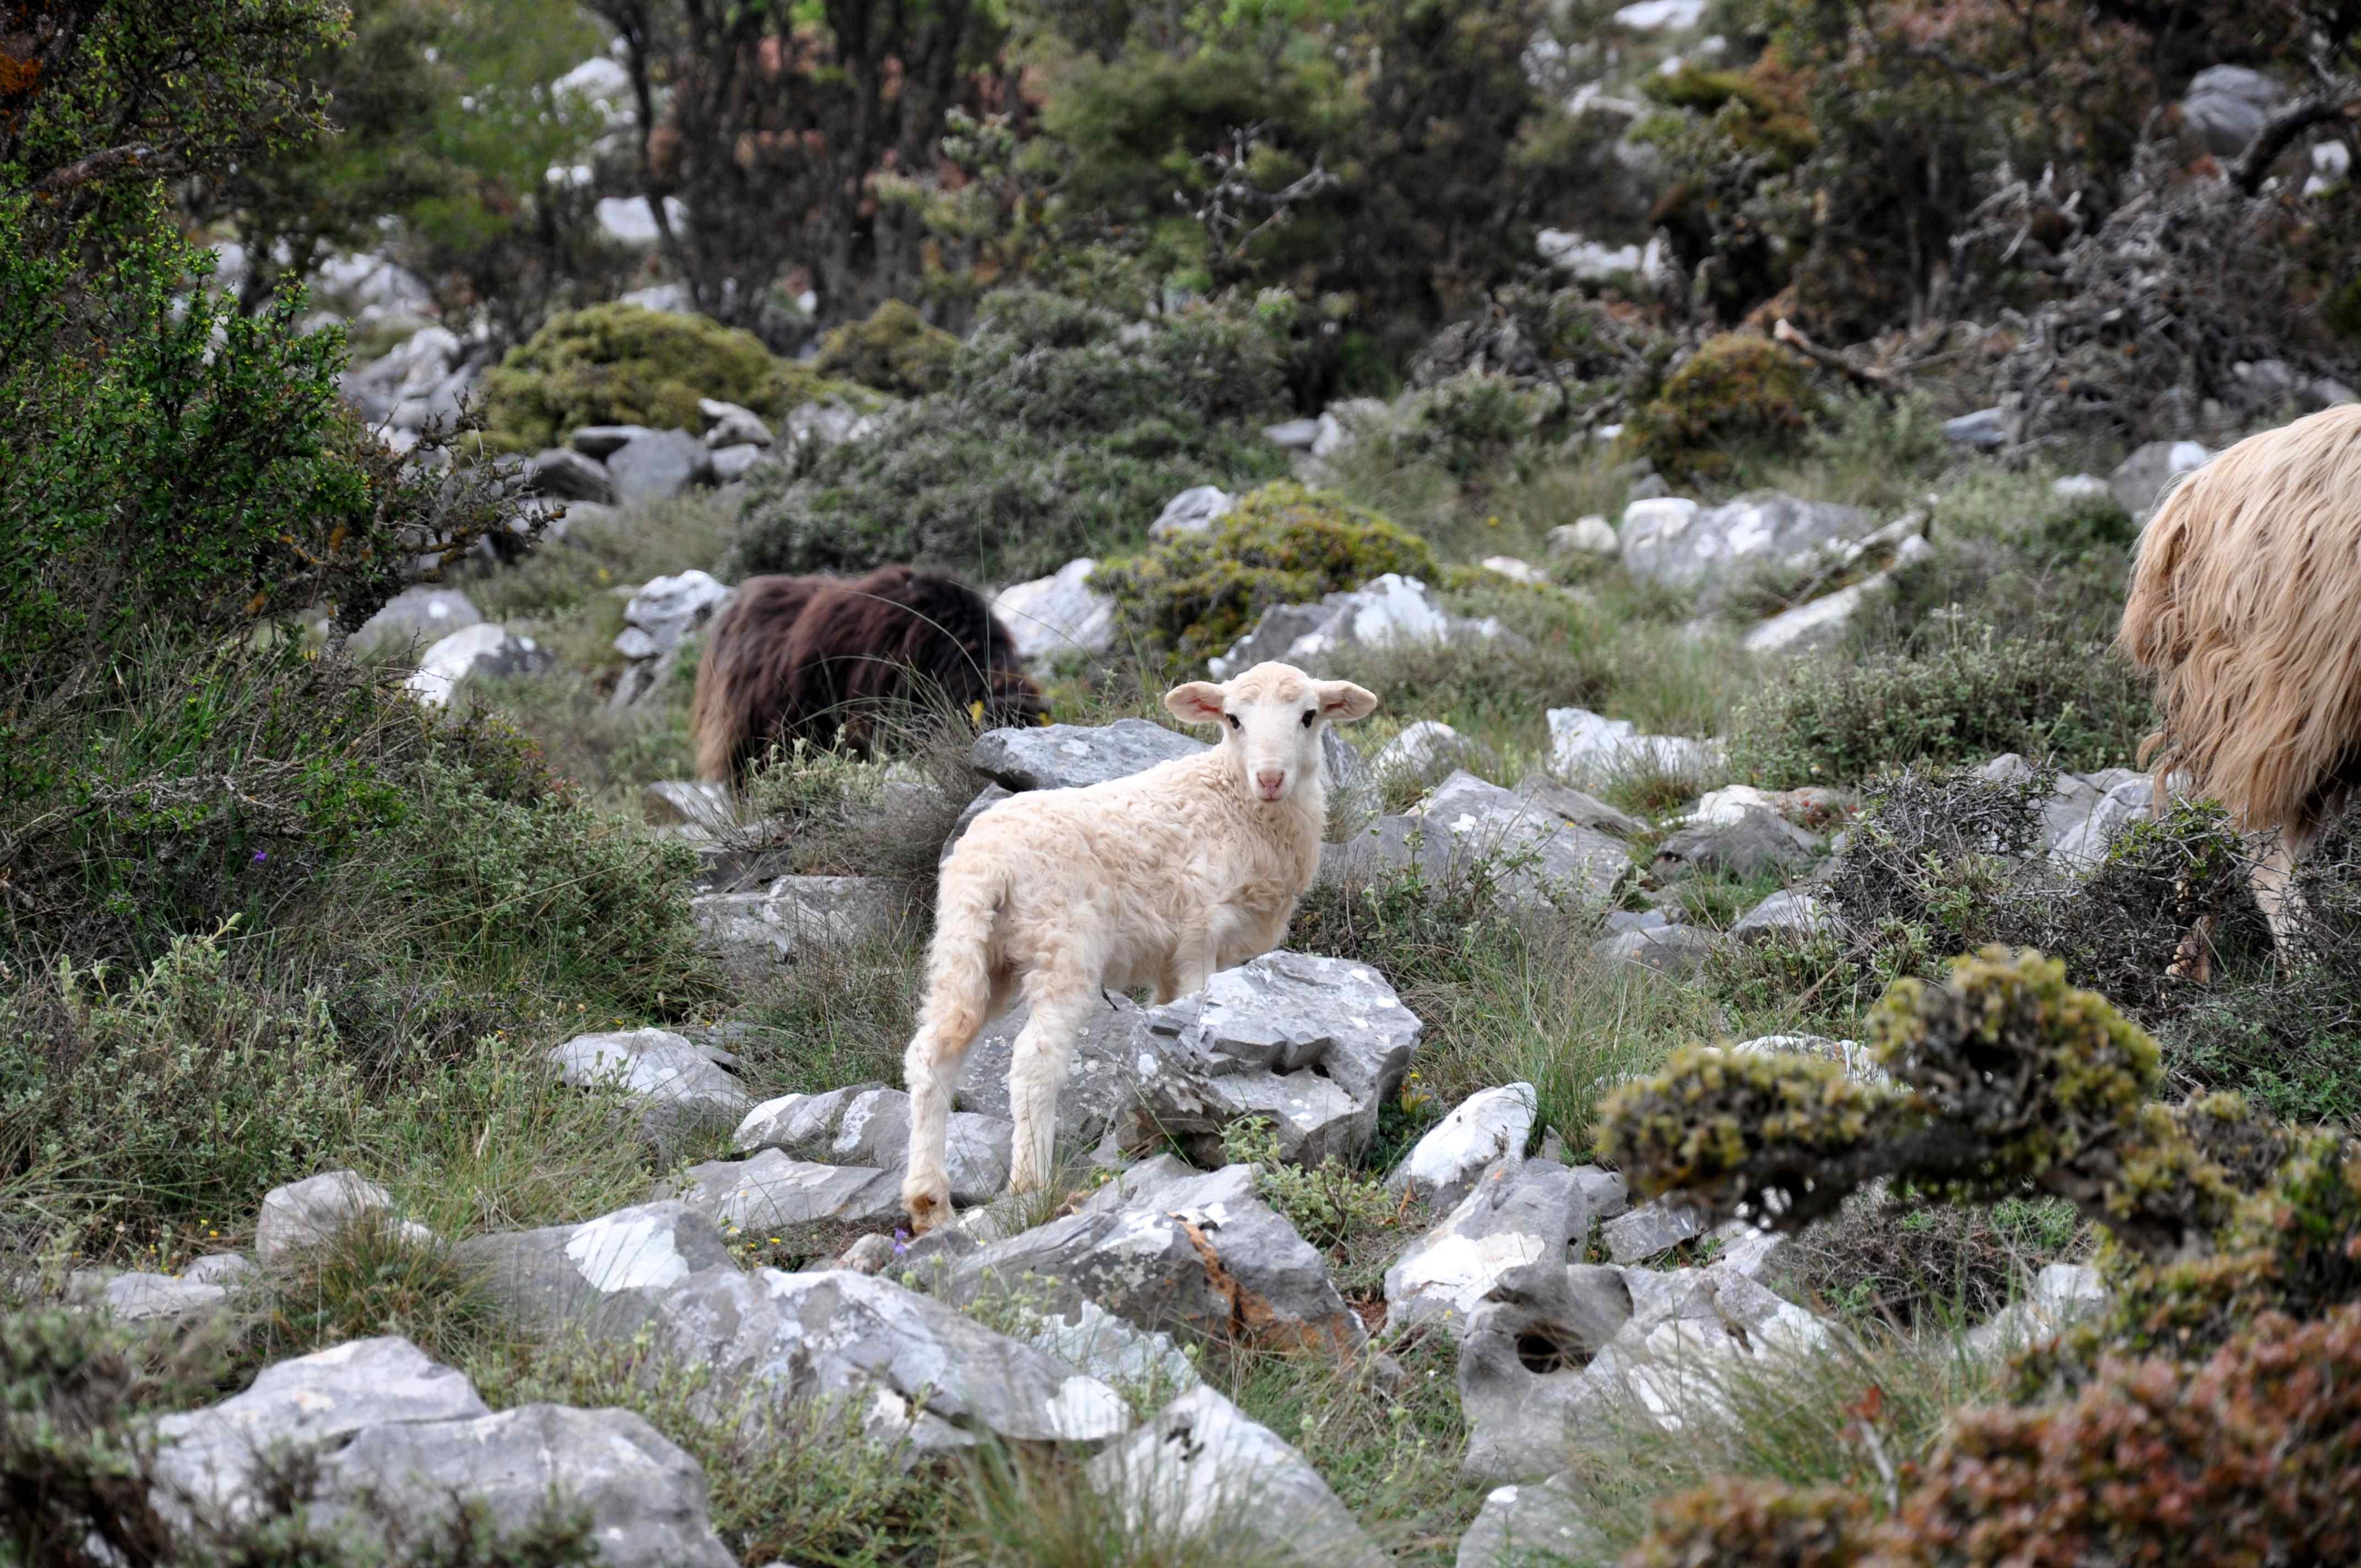 Offroad auf Kreta unterwegs   Land Rover Adventure Tour Greece 2015 sonne land und leute griechenland europa  tui berlin kreta berge schafe